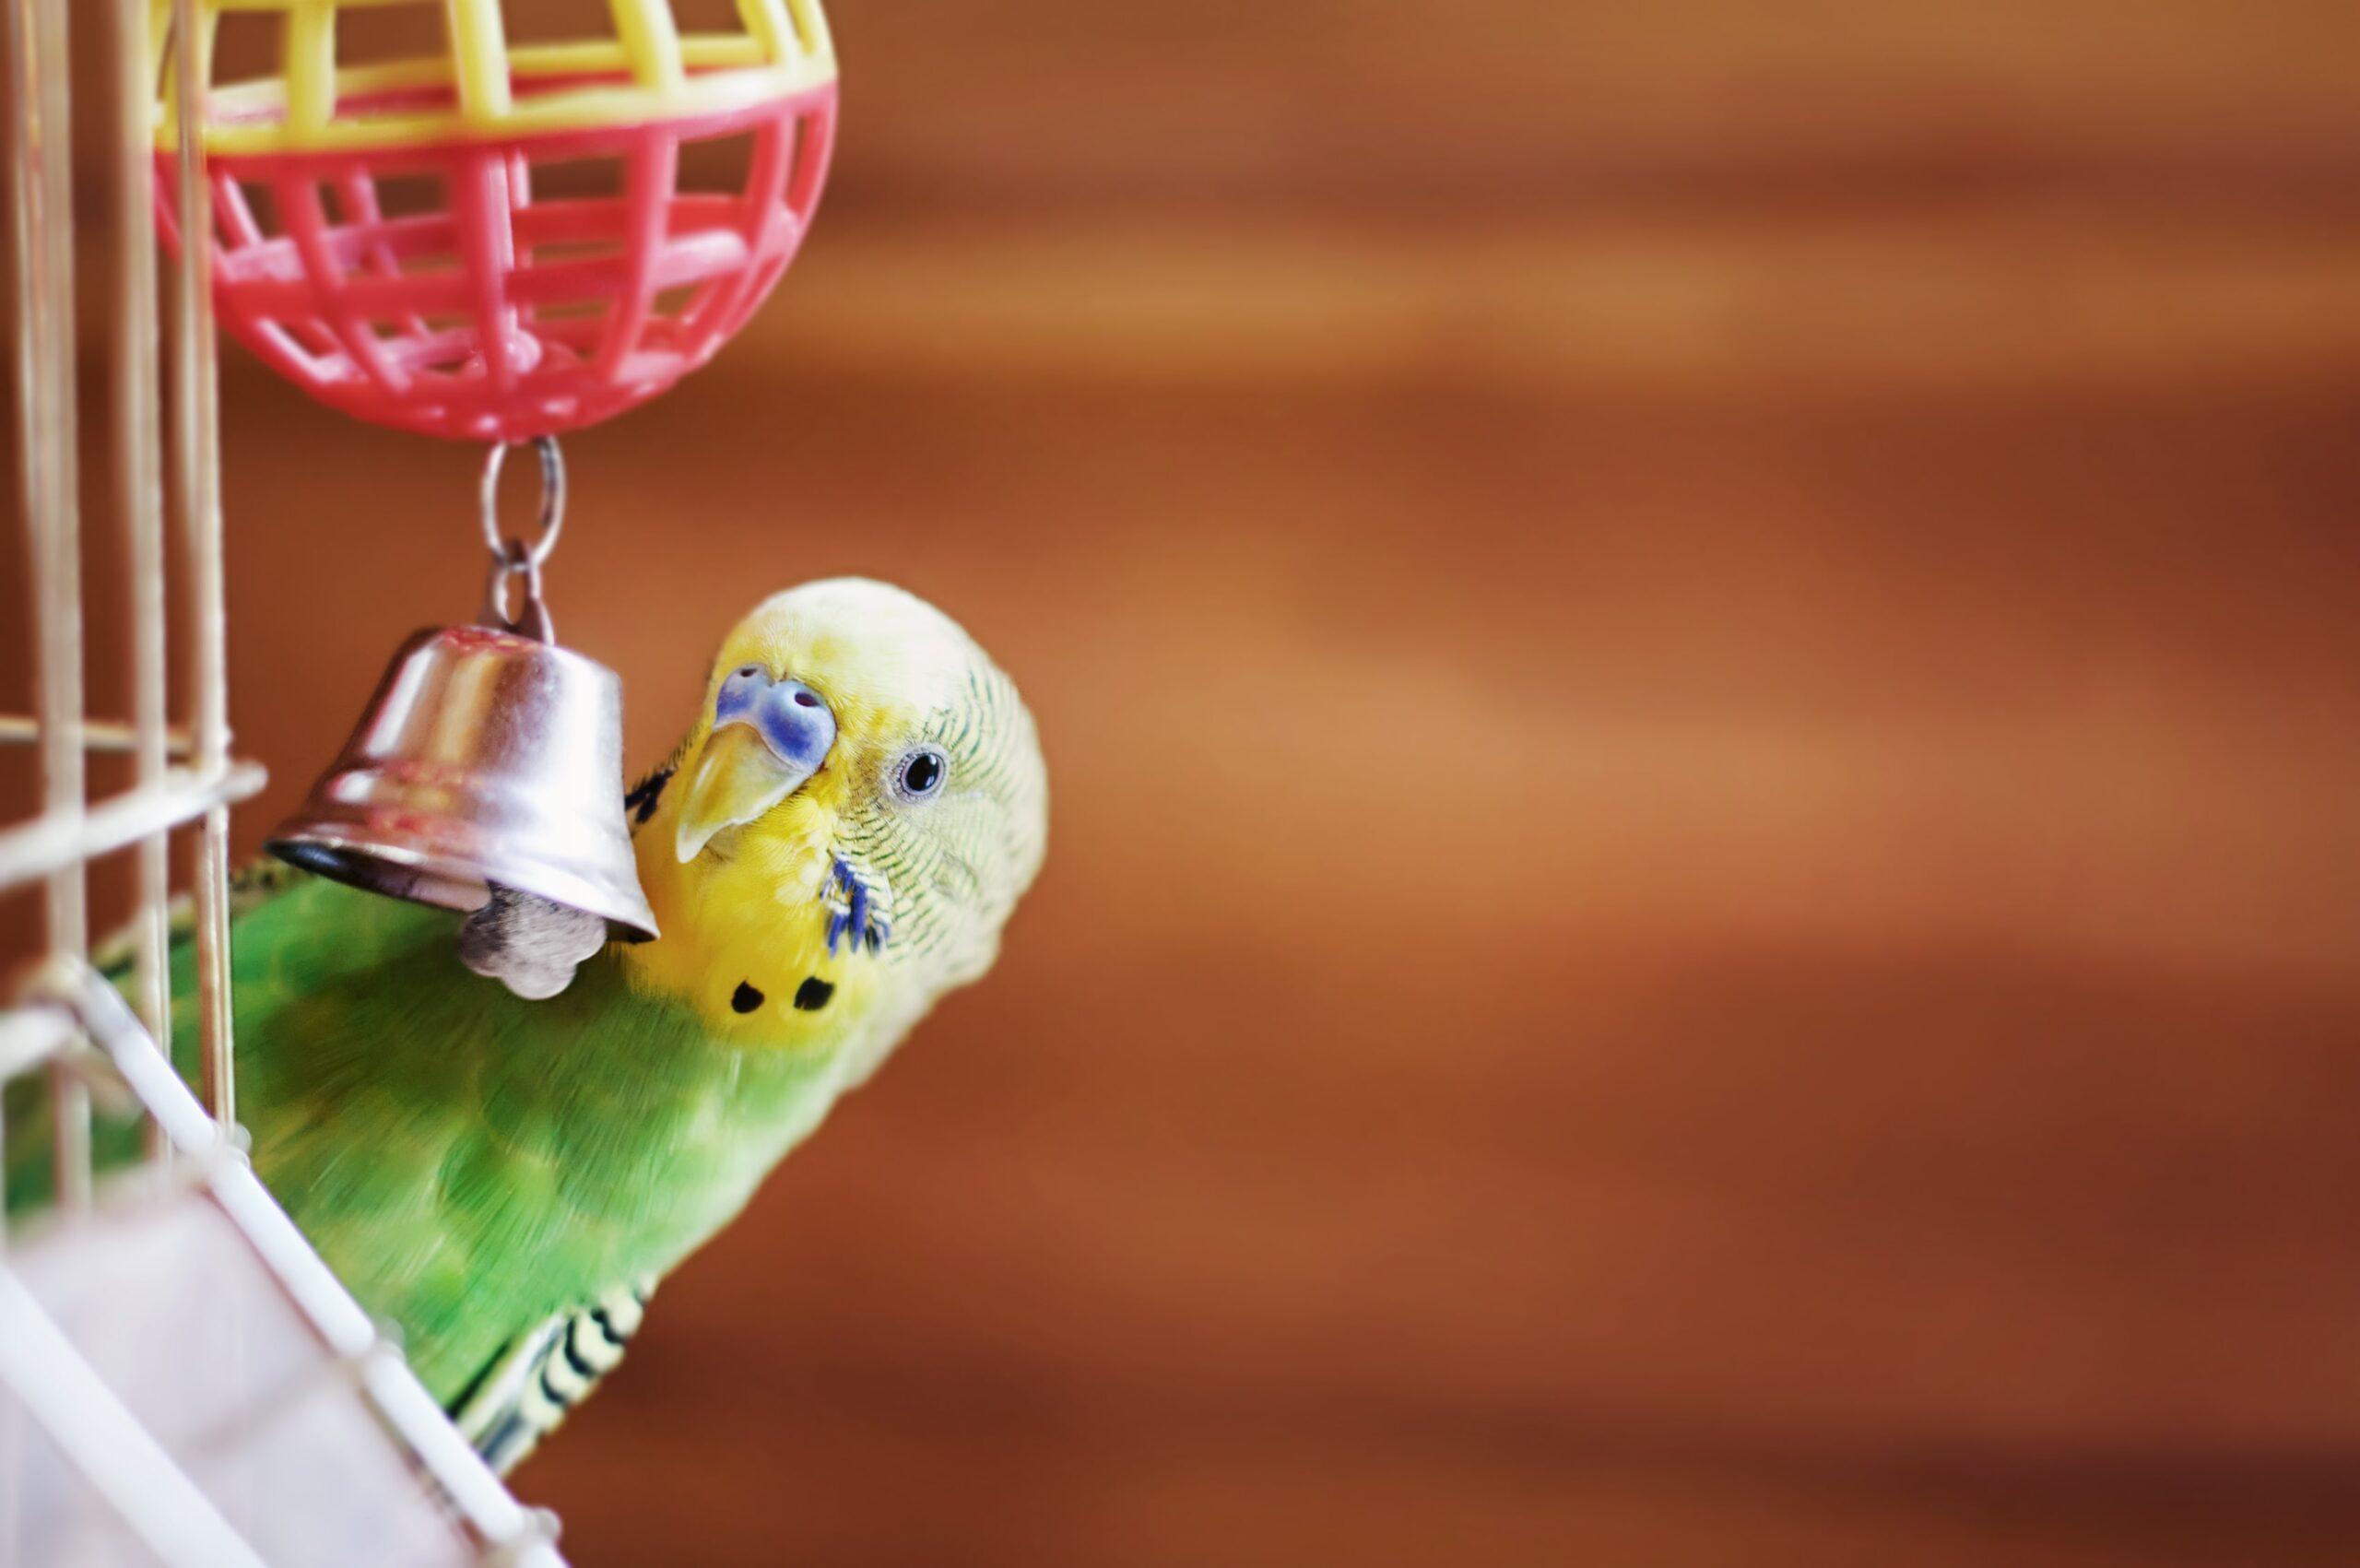 Muhabbet Kuşu Hastalıkları Nelerdir?